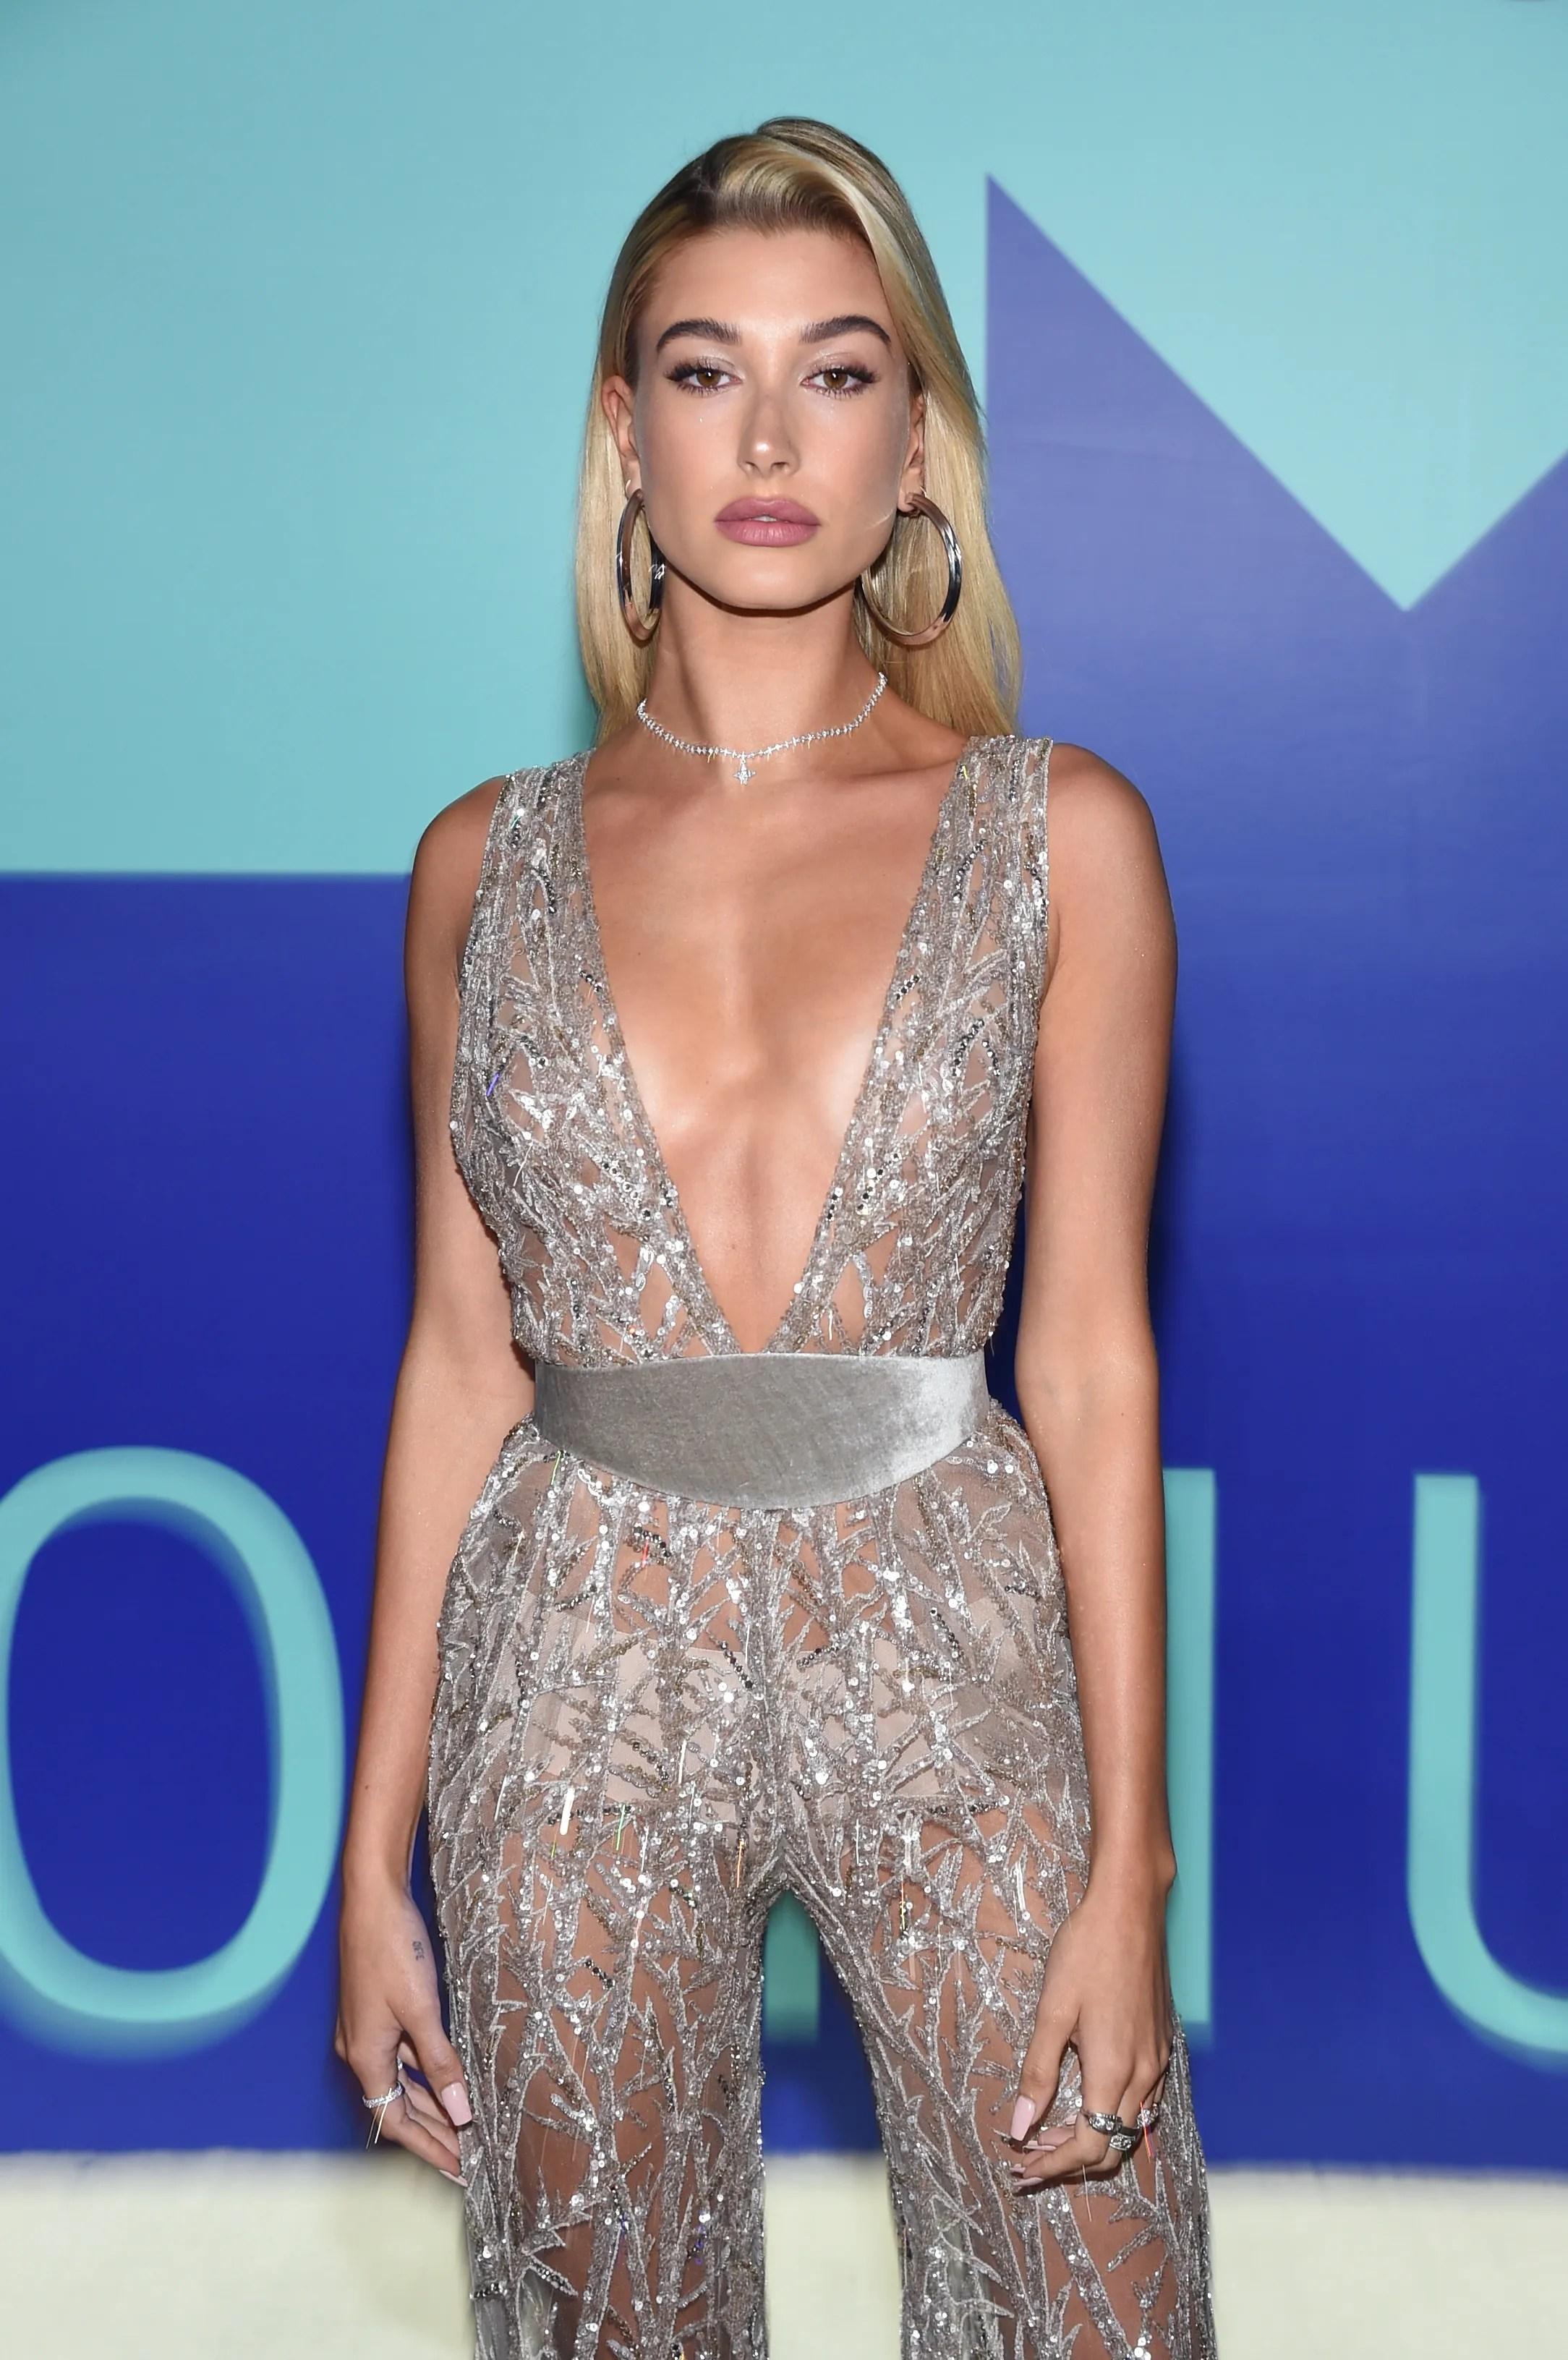 VMAs 2017 The Best Red Carpet Beauty Looks Teen Vogue